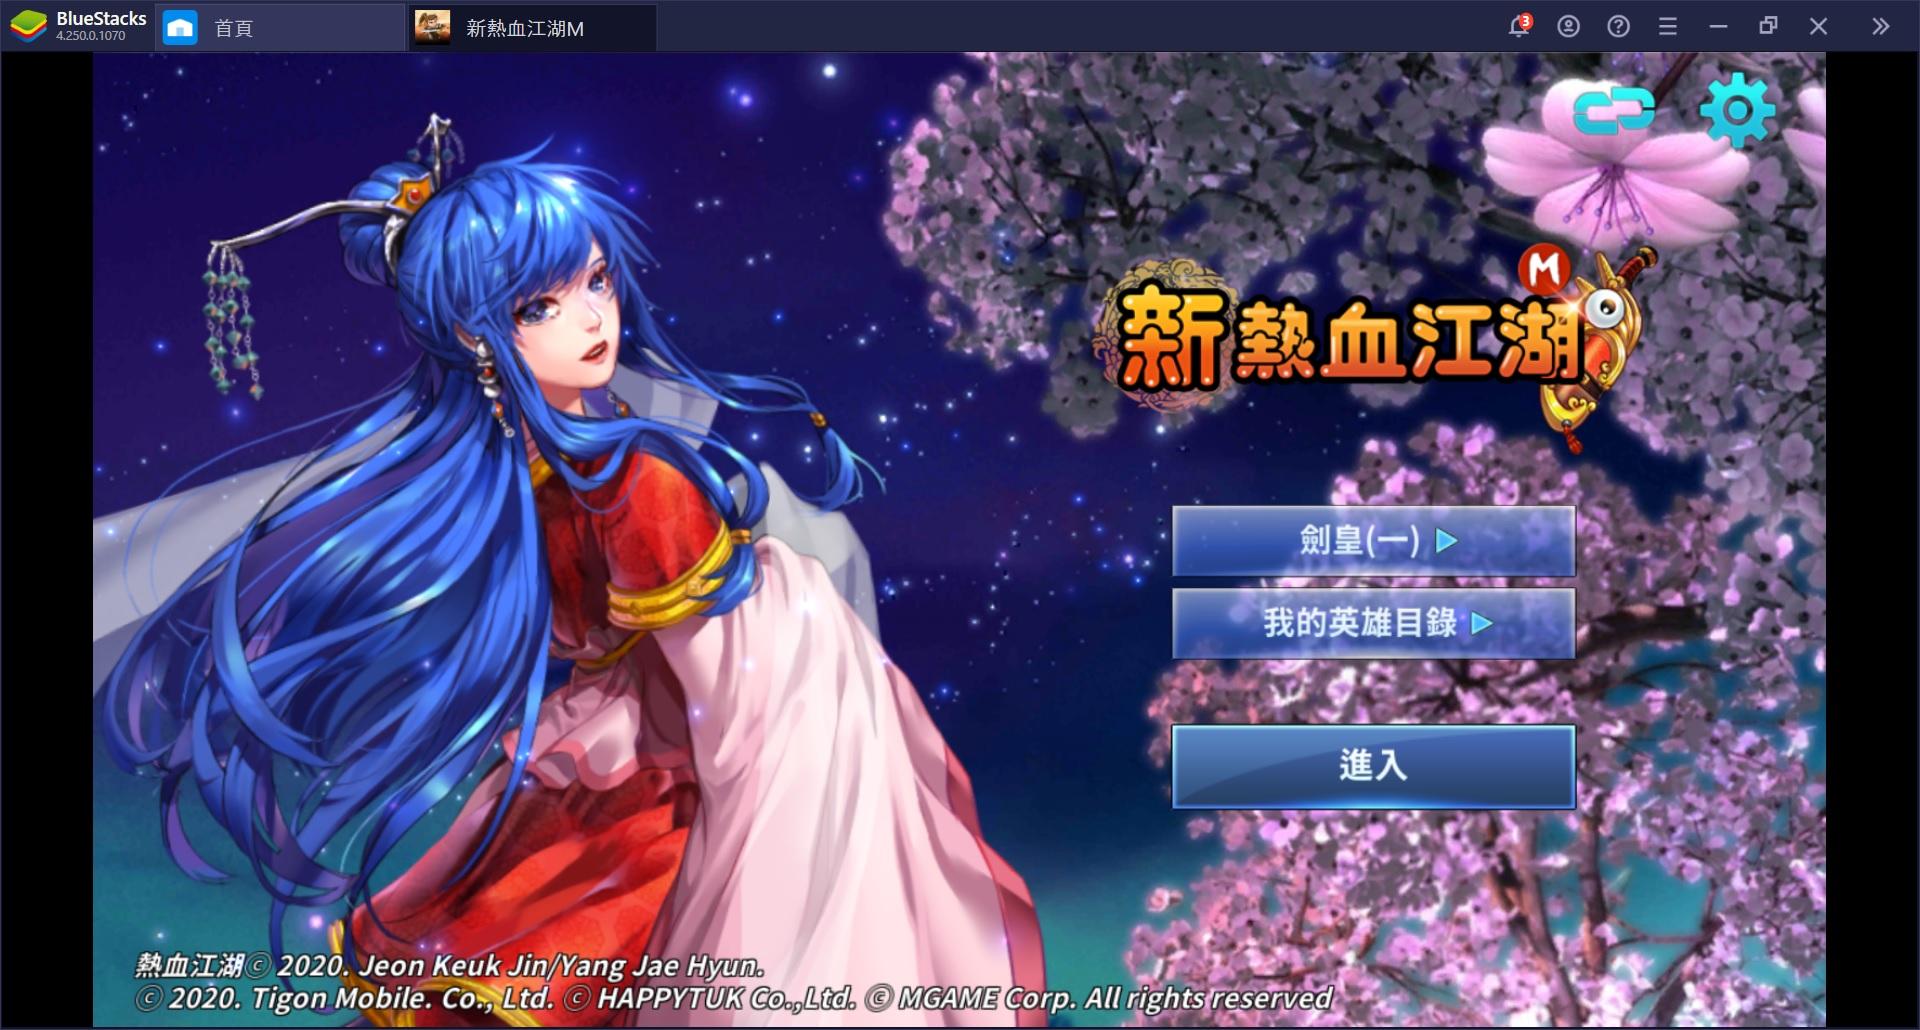 使用BlueStacks在PC上體驗韓國武俠漫畫改編的RPG手游《新熱血江湖 M》